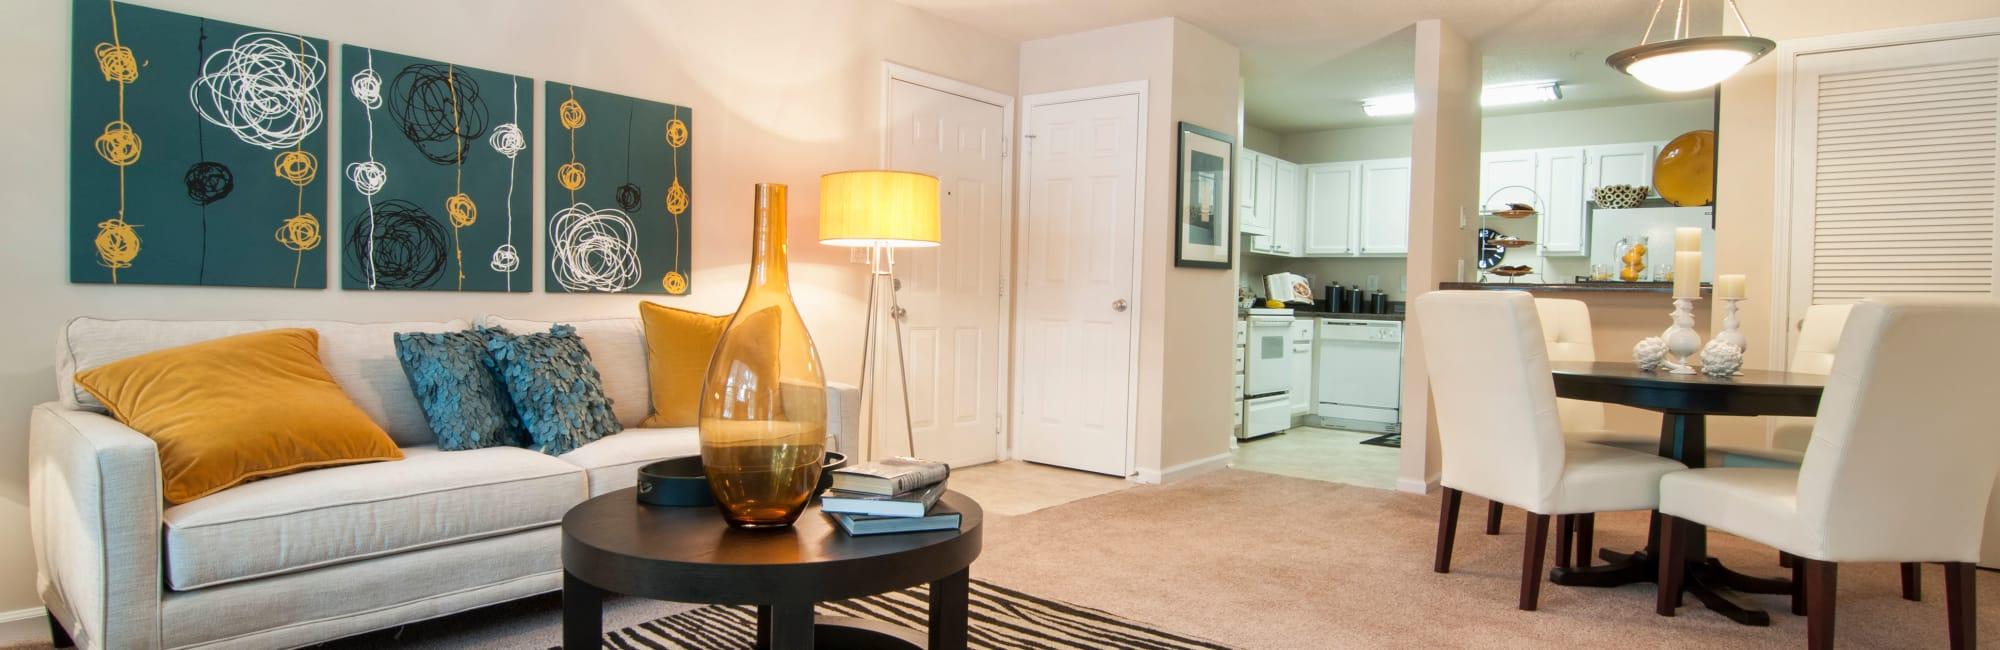 Apartments at Bellingham Apartment Homes in Marietta, Georgia